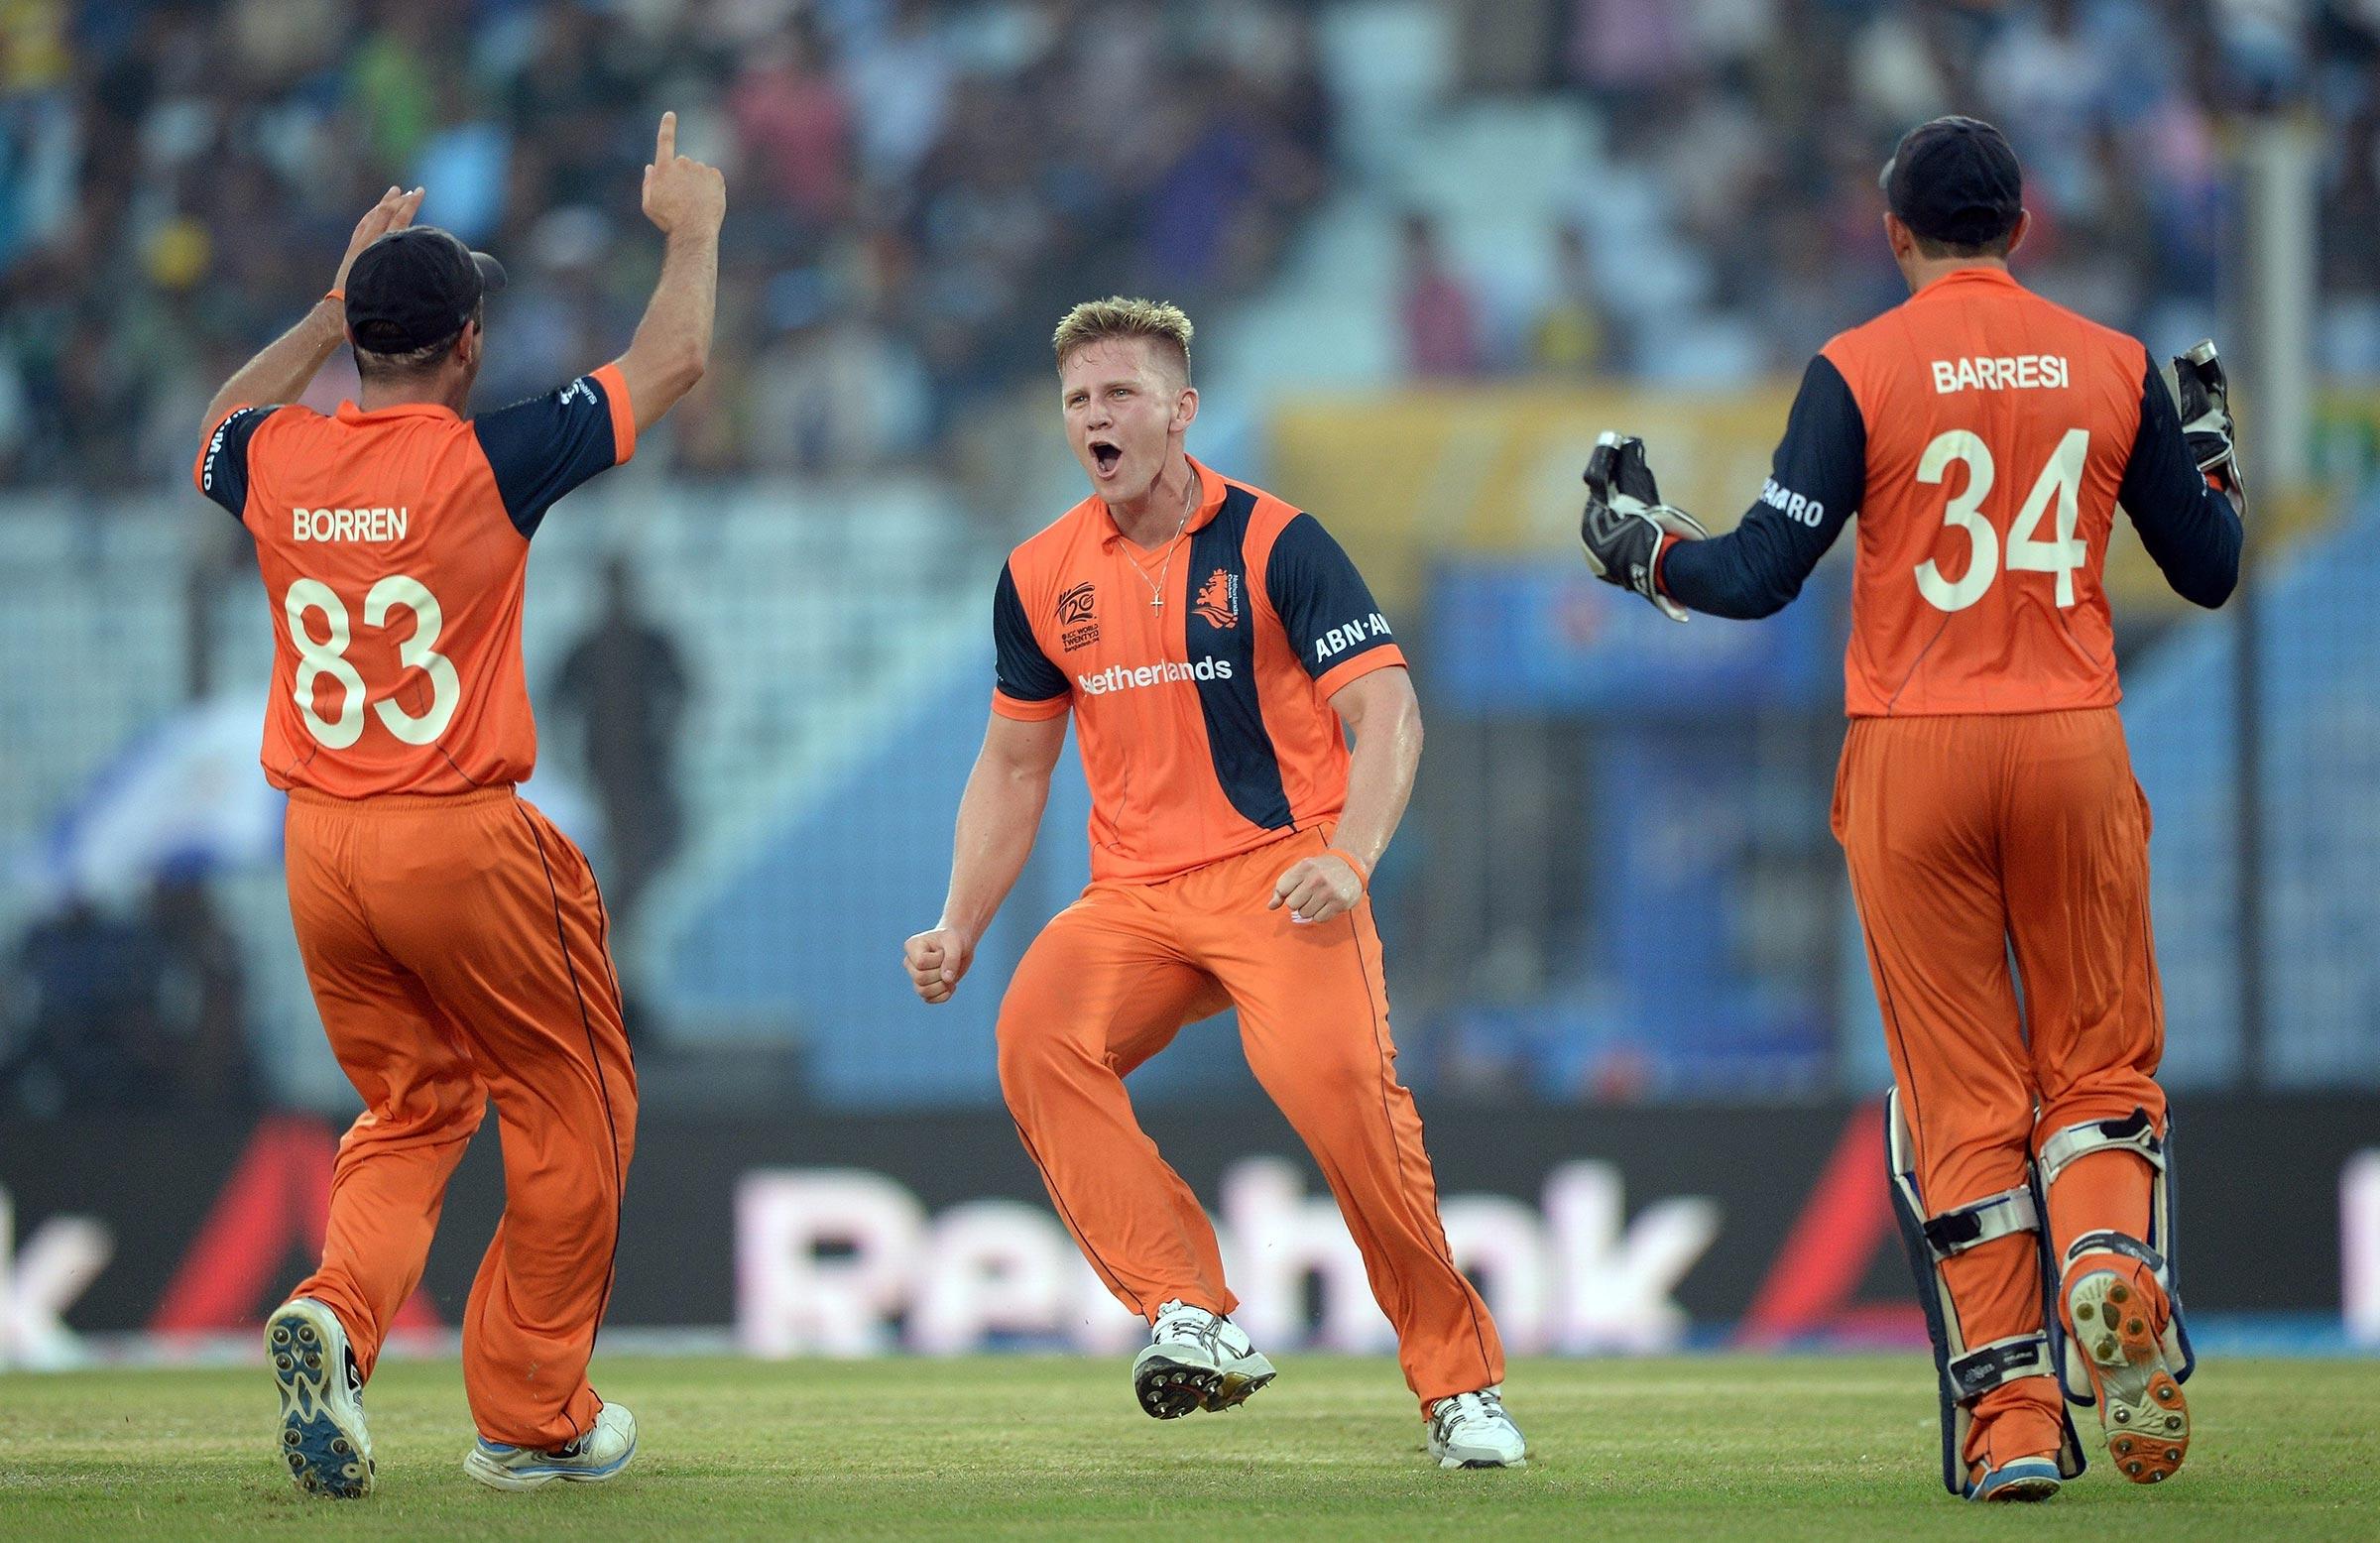 'Aussie' Timm van der Gugten is a key part of the Dutch bowling attack // Getty